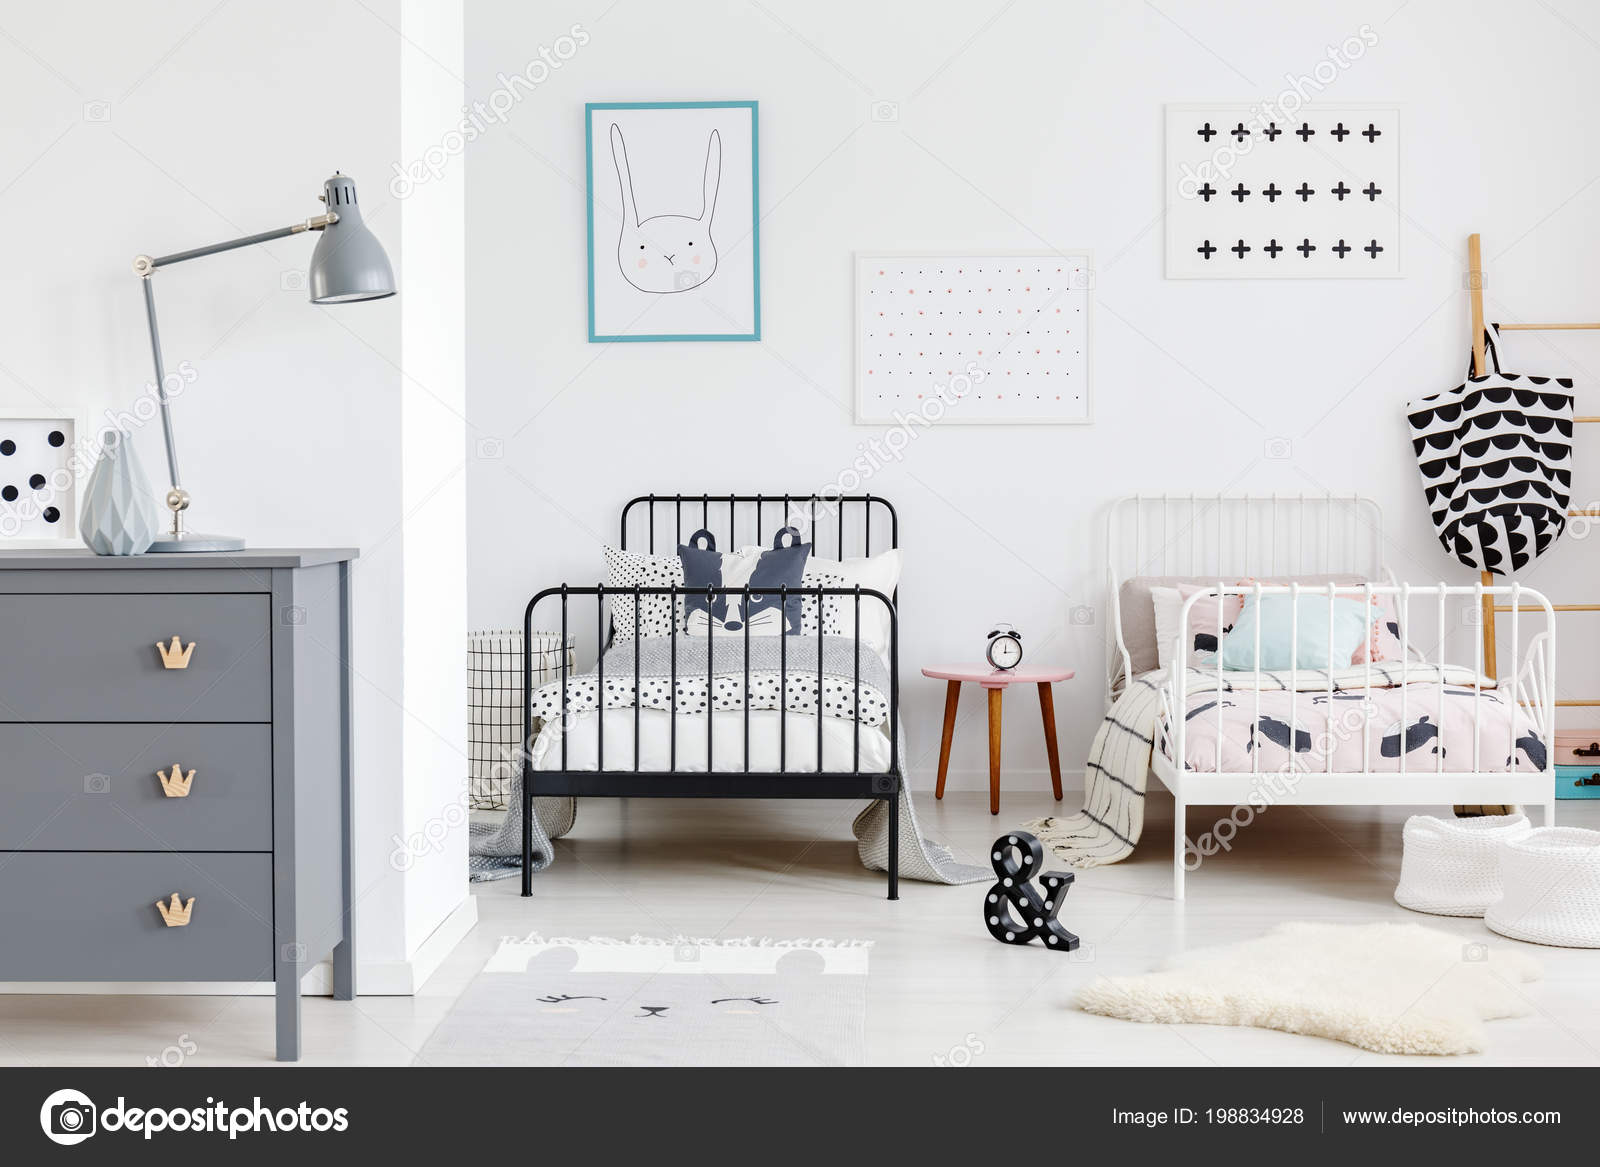 Grijze Slaapkamer Lamp : Grijze lamp kabinet kinderen slaapkamer interieur met posters